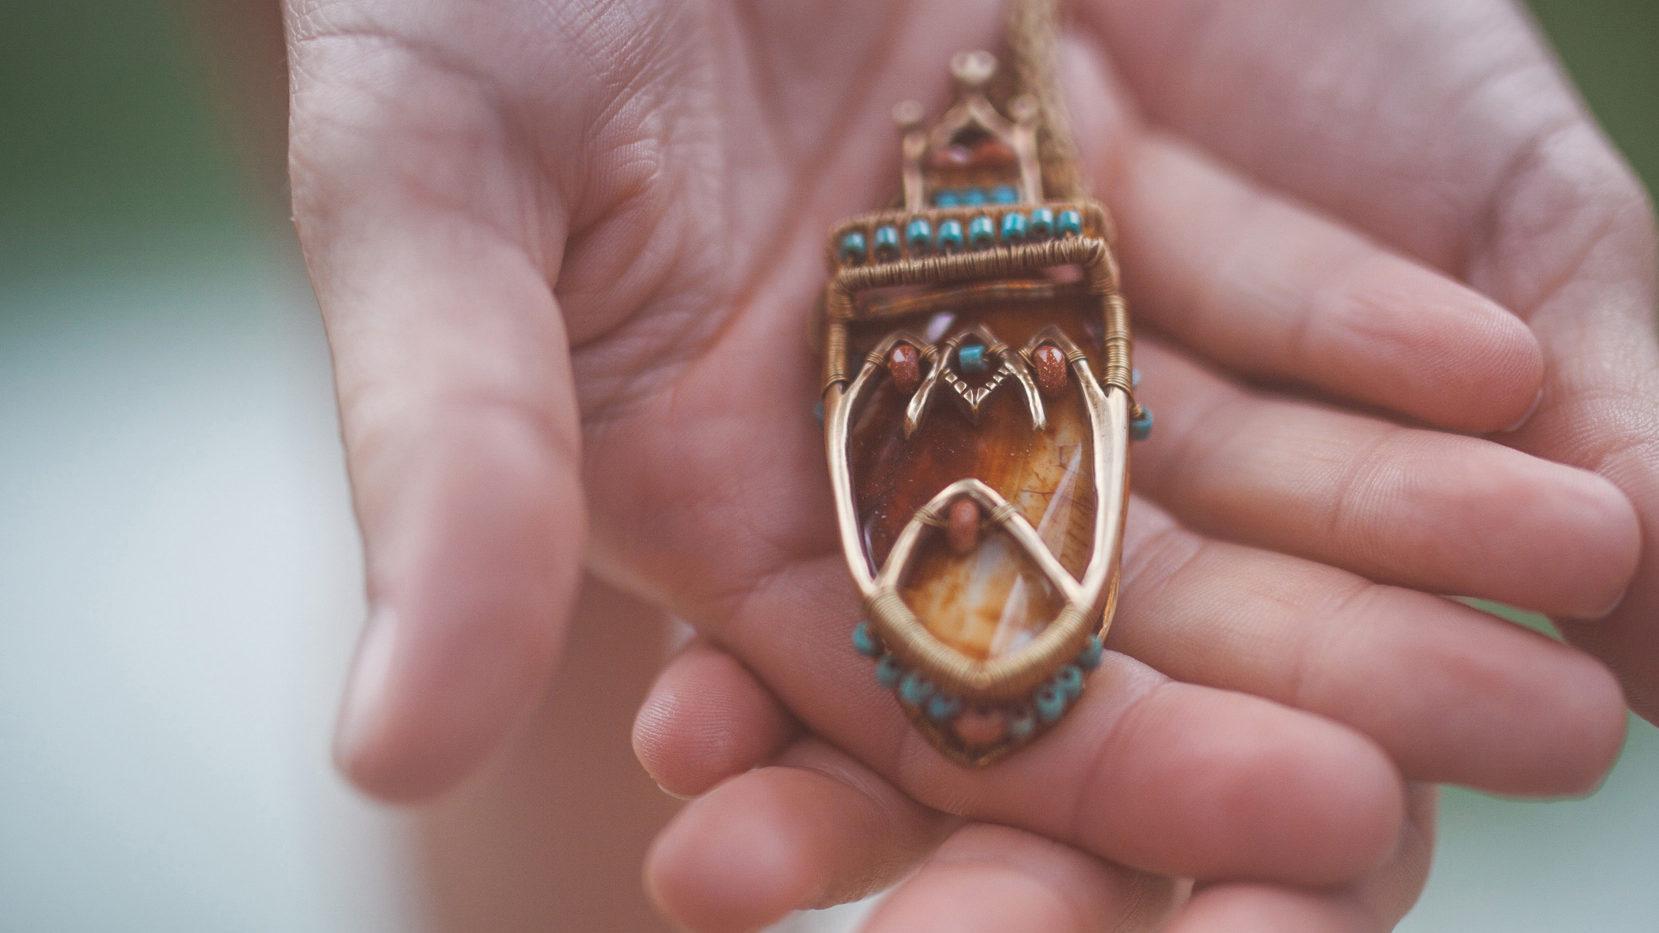 Neopakovatelný autorský náhrdelník z litého bronzu, jaspisu a tyrkysů odkazující na pouštní město Marrakesh.